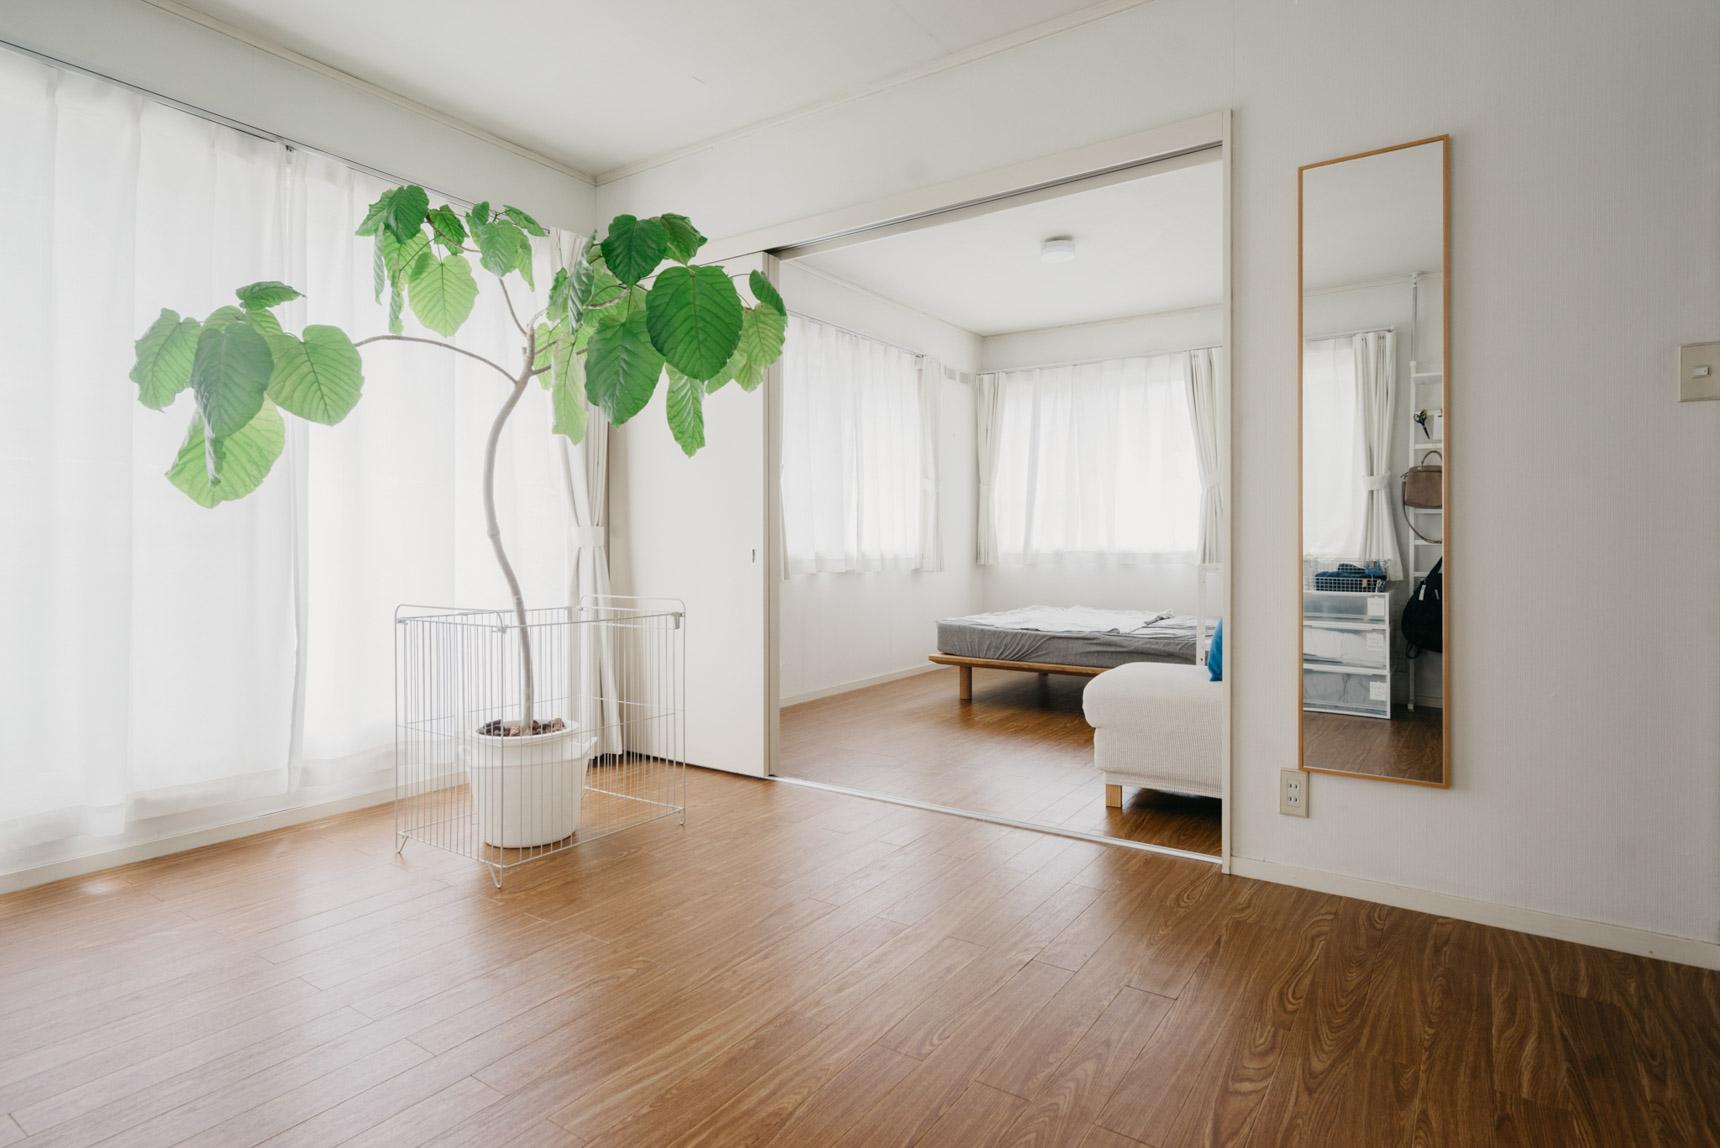 2階にお邪魔すると、そこはさらにシンプルな空間が…!